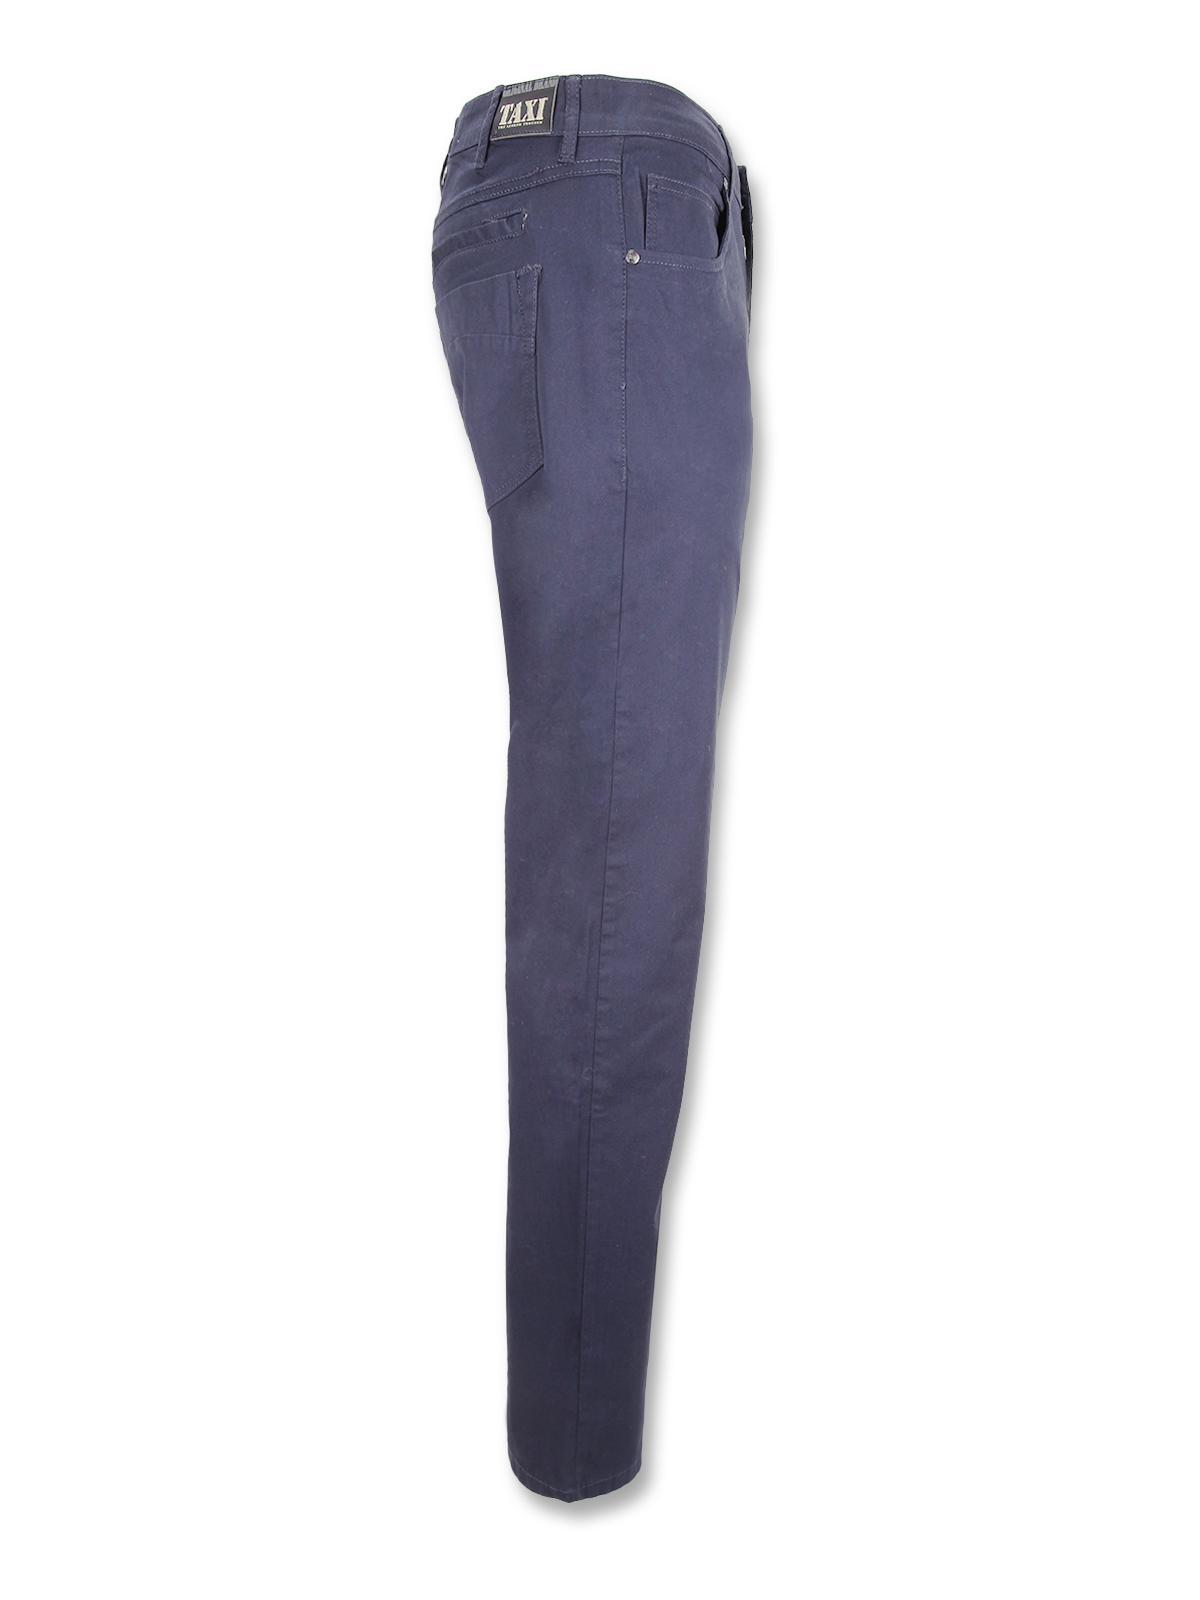 Pantalones Modelo Seven Pockets Hombre Mecshopping